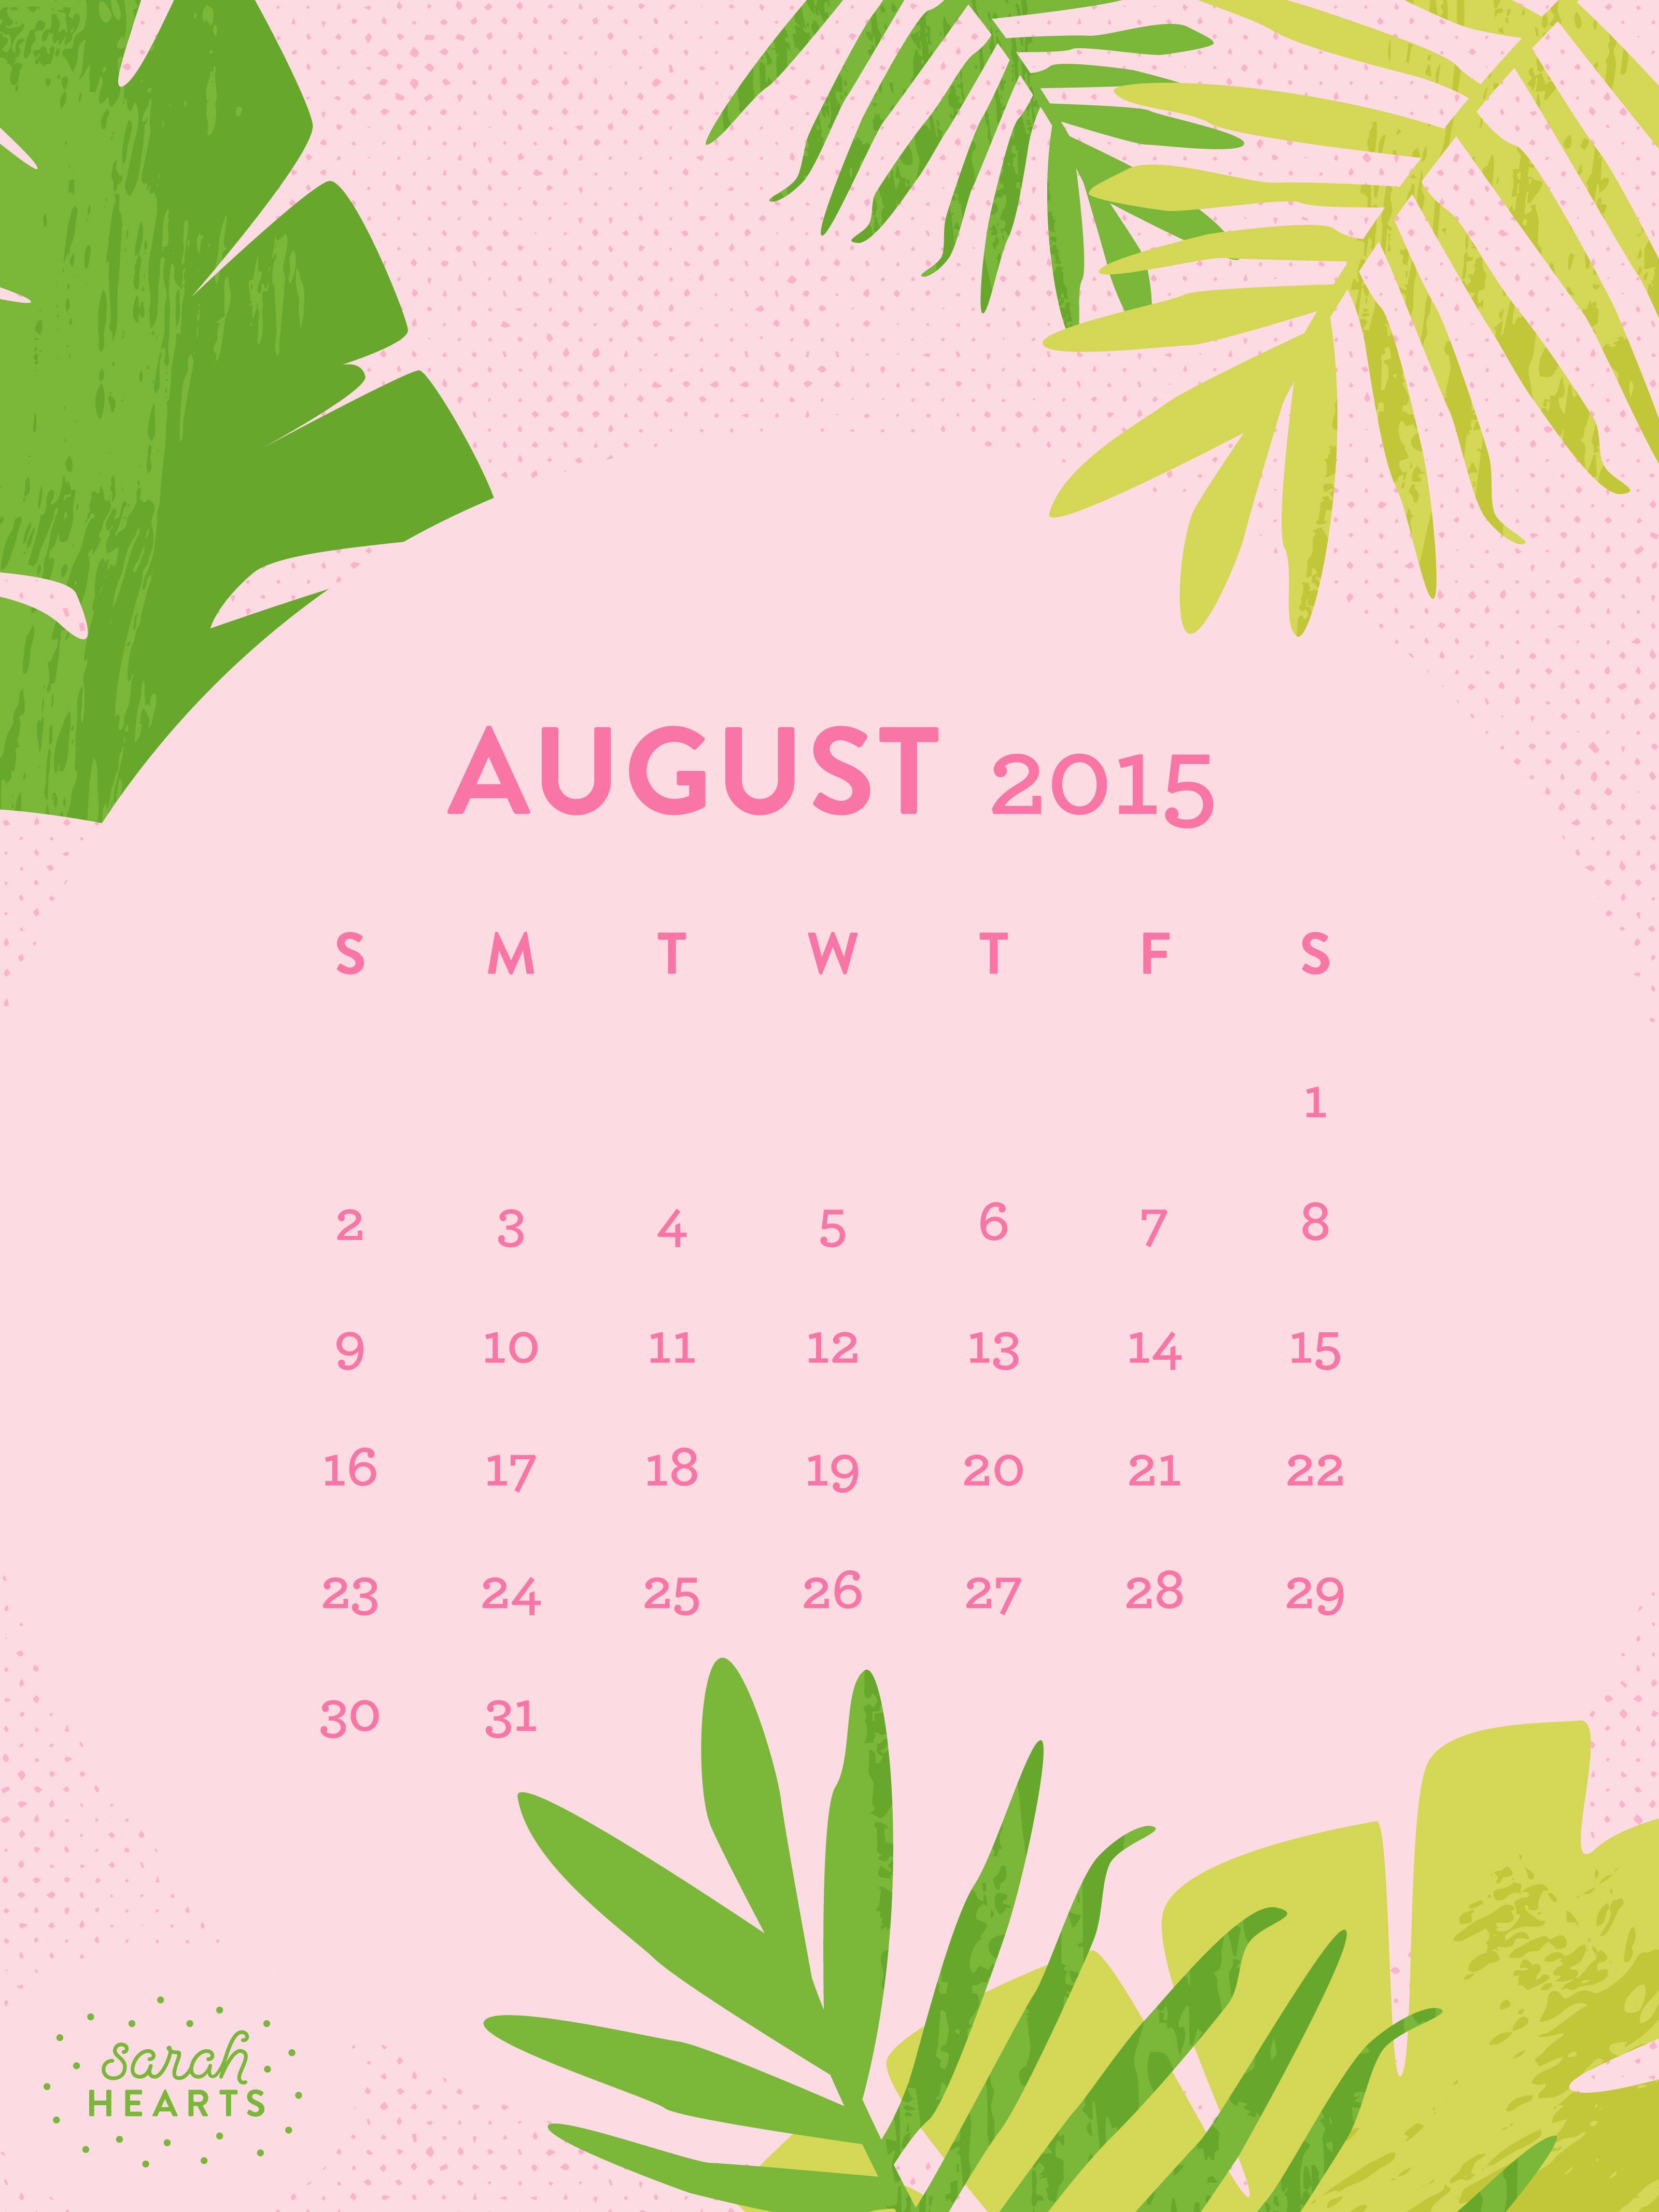 Calendar Wallpaper Ipad : August calendar wallpaper sarah hearts